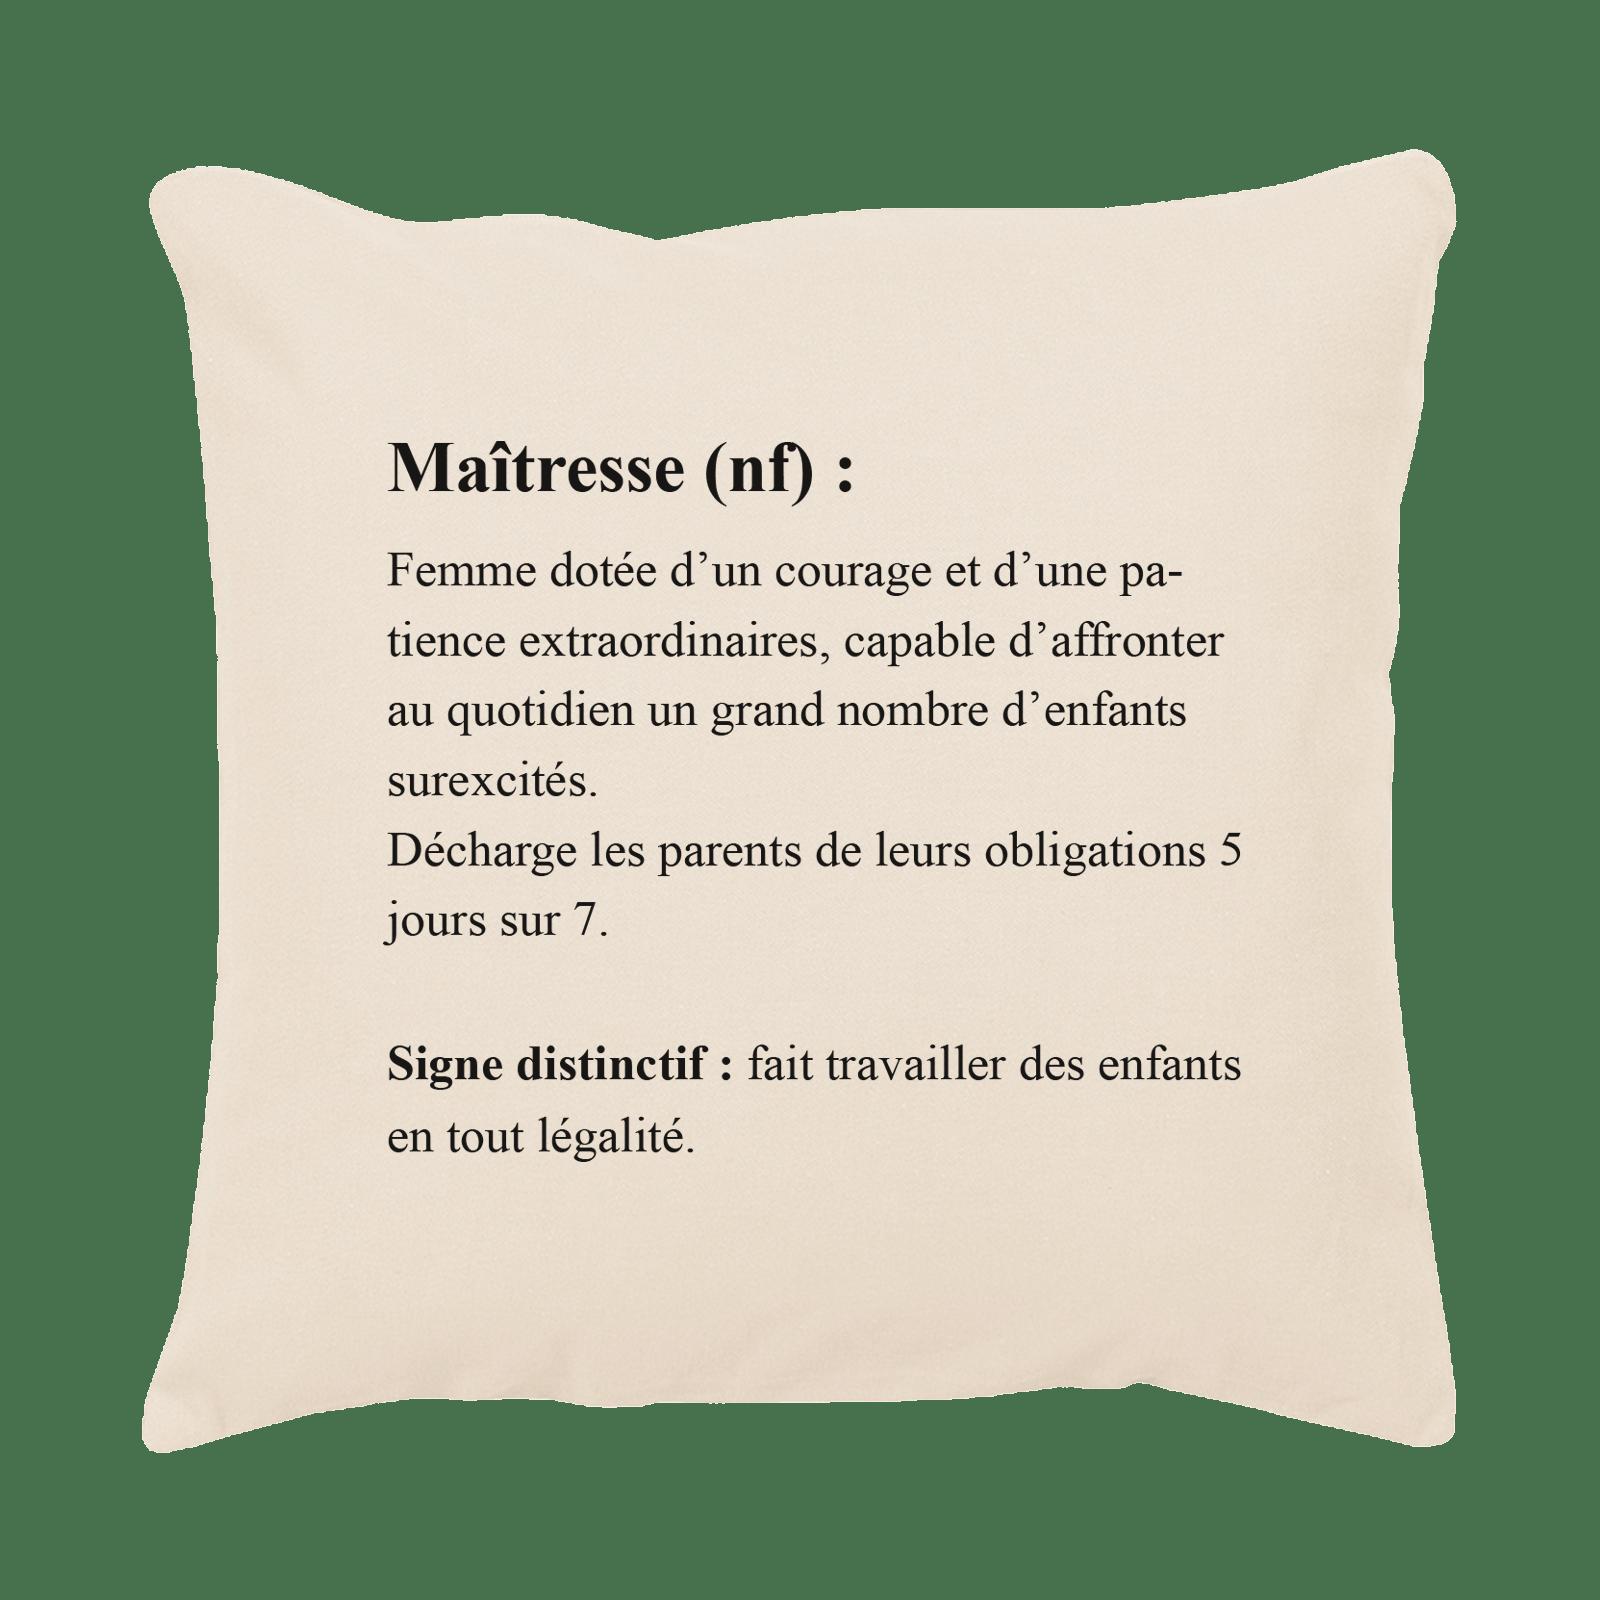 Coussin définition maitresse - Atelier du Quai